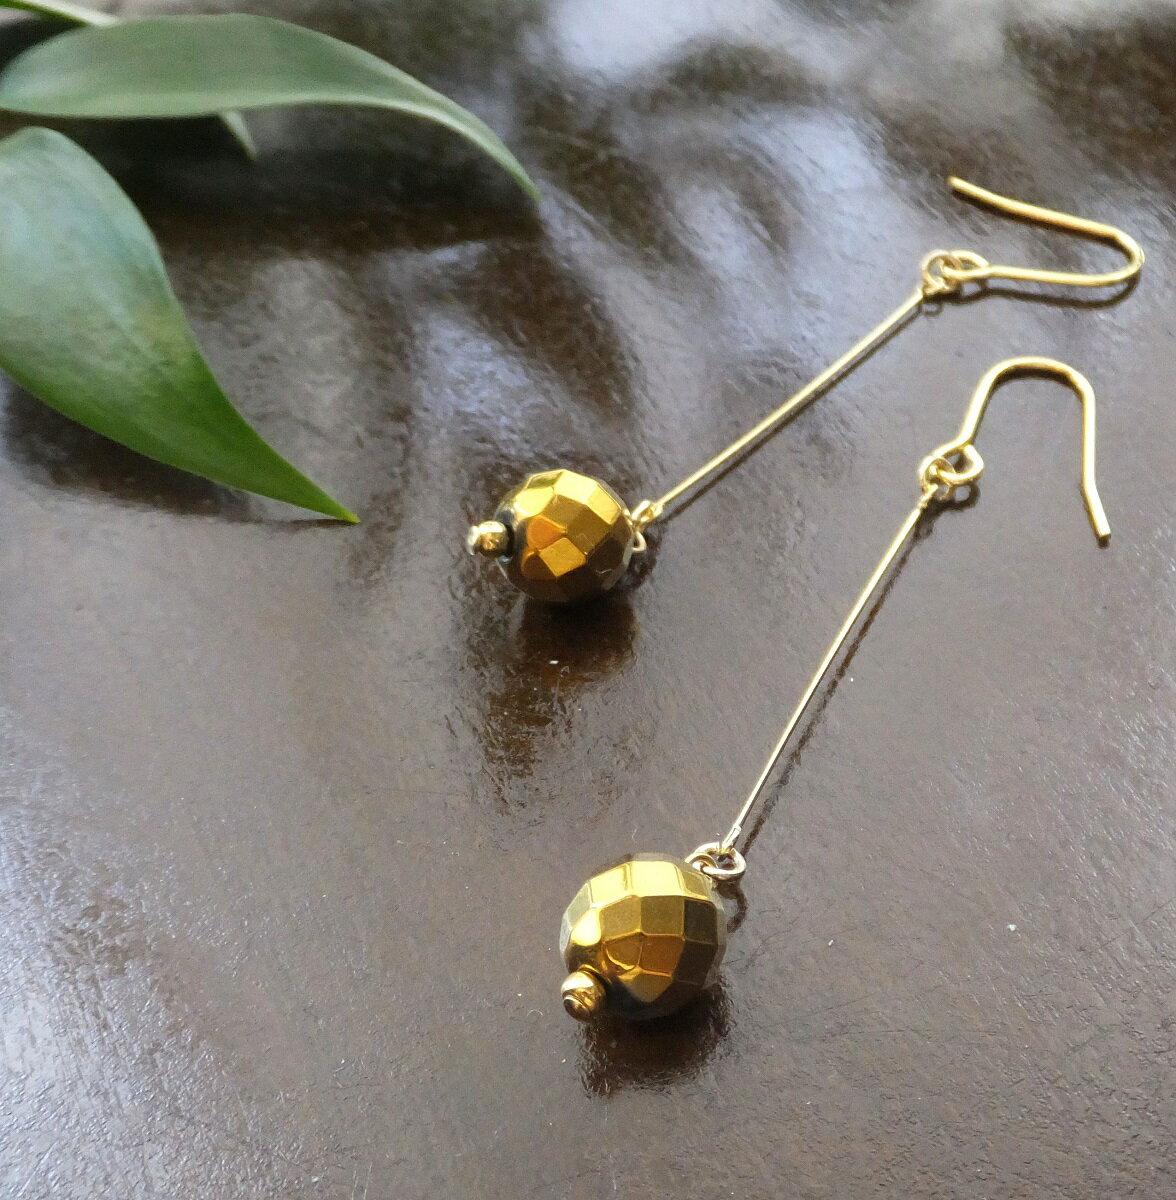 天然石ピアス ヘマタイト ゴールドコーティング ゆらゆらピアス ゴールド系 ハンドメイド ゴールドカラー金具